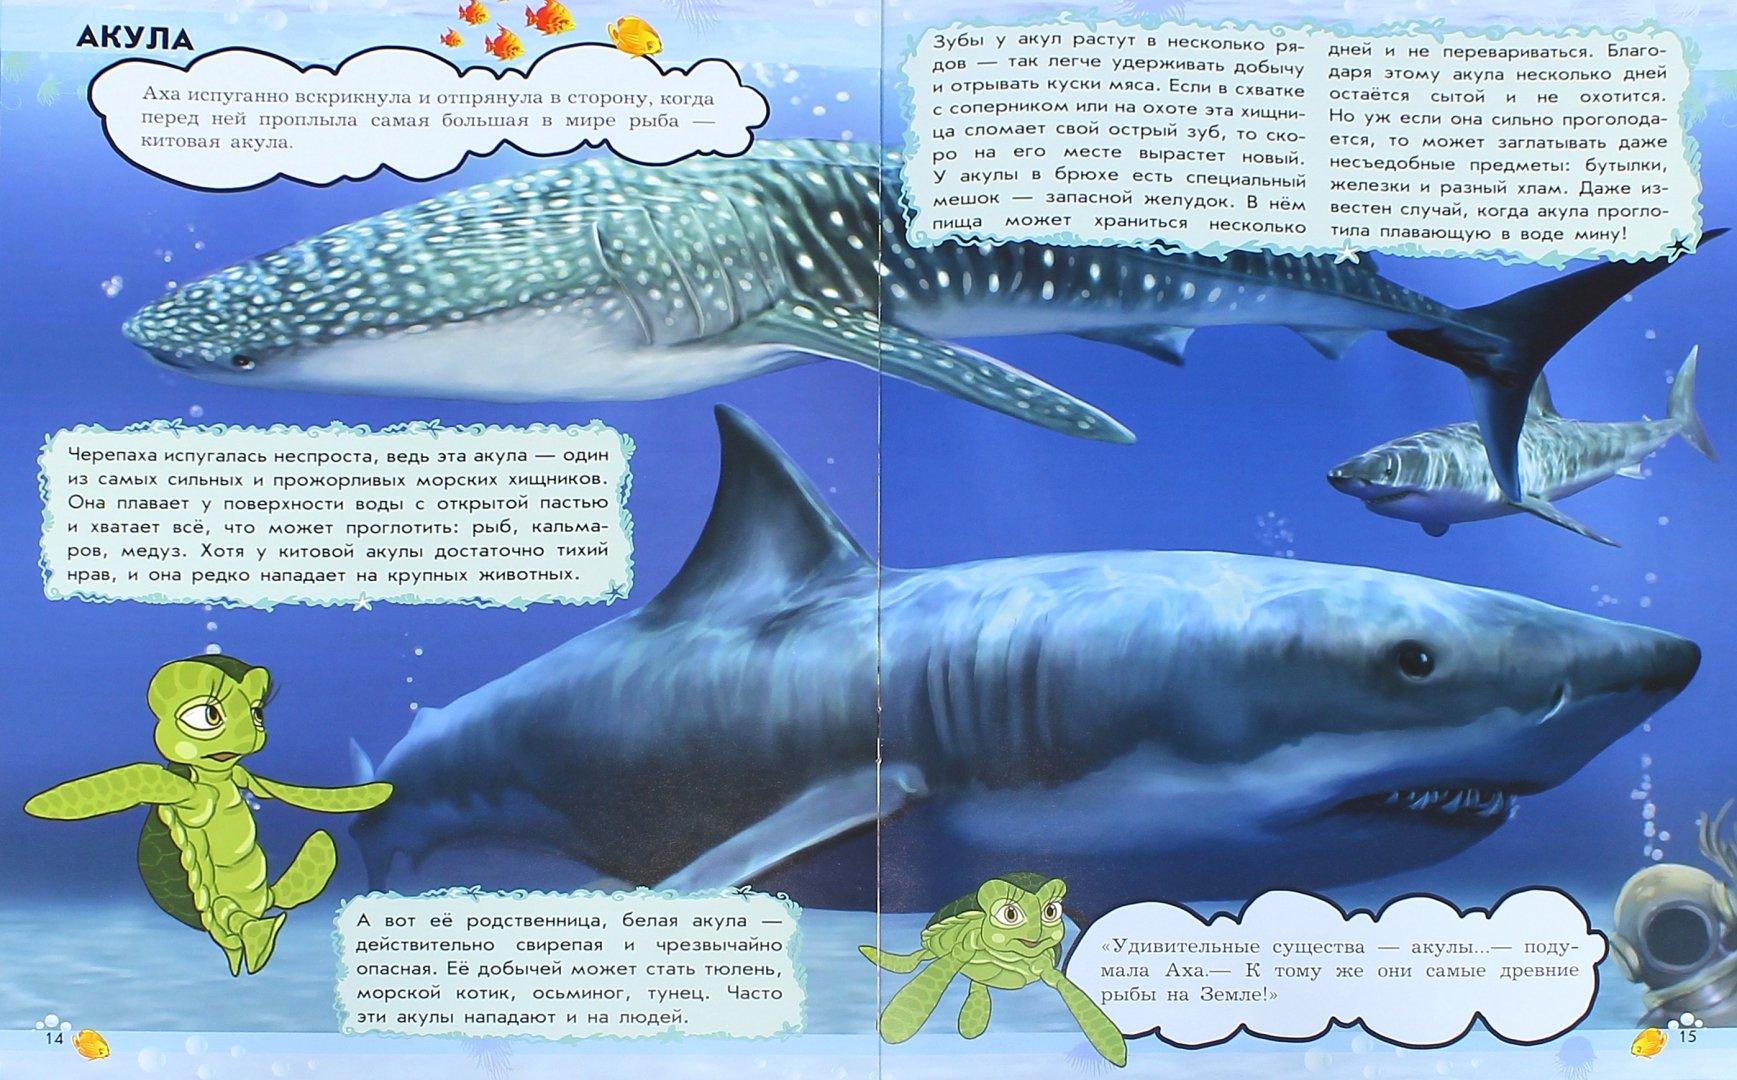 Иллюстрация 1 из 12 для О чём мечтает кашалот? Обитатели морей и океанов - Анна Макулина | Лабиринт - книги. Источник: Лабиринт